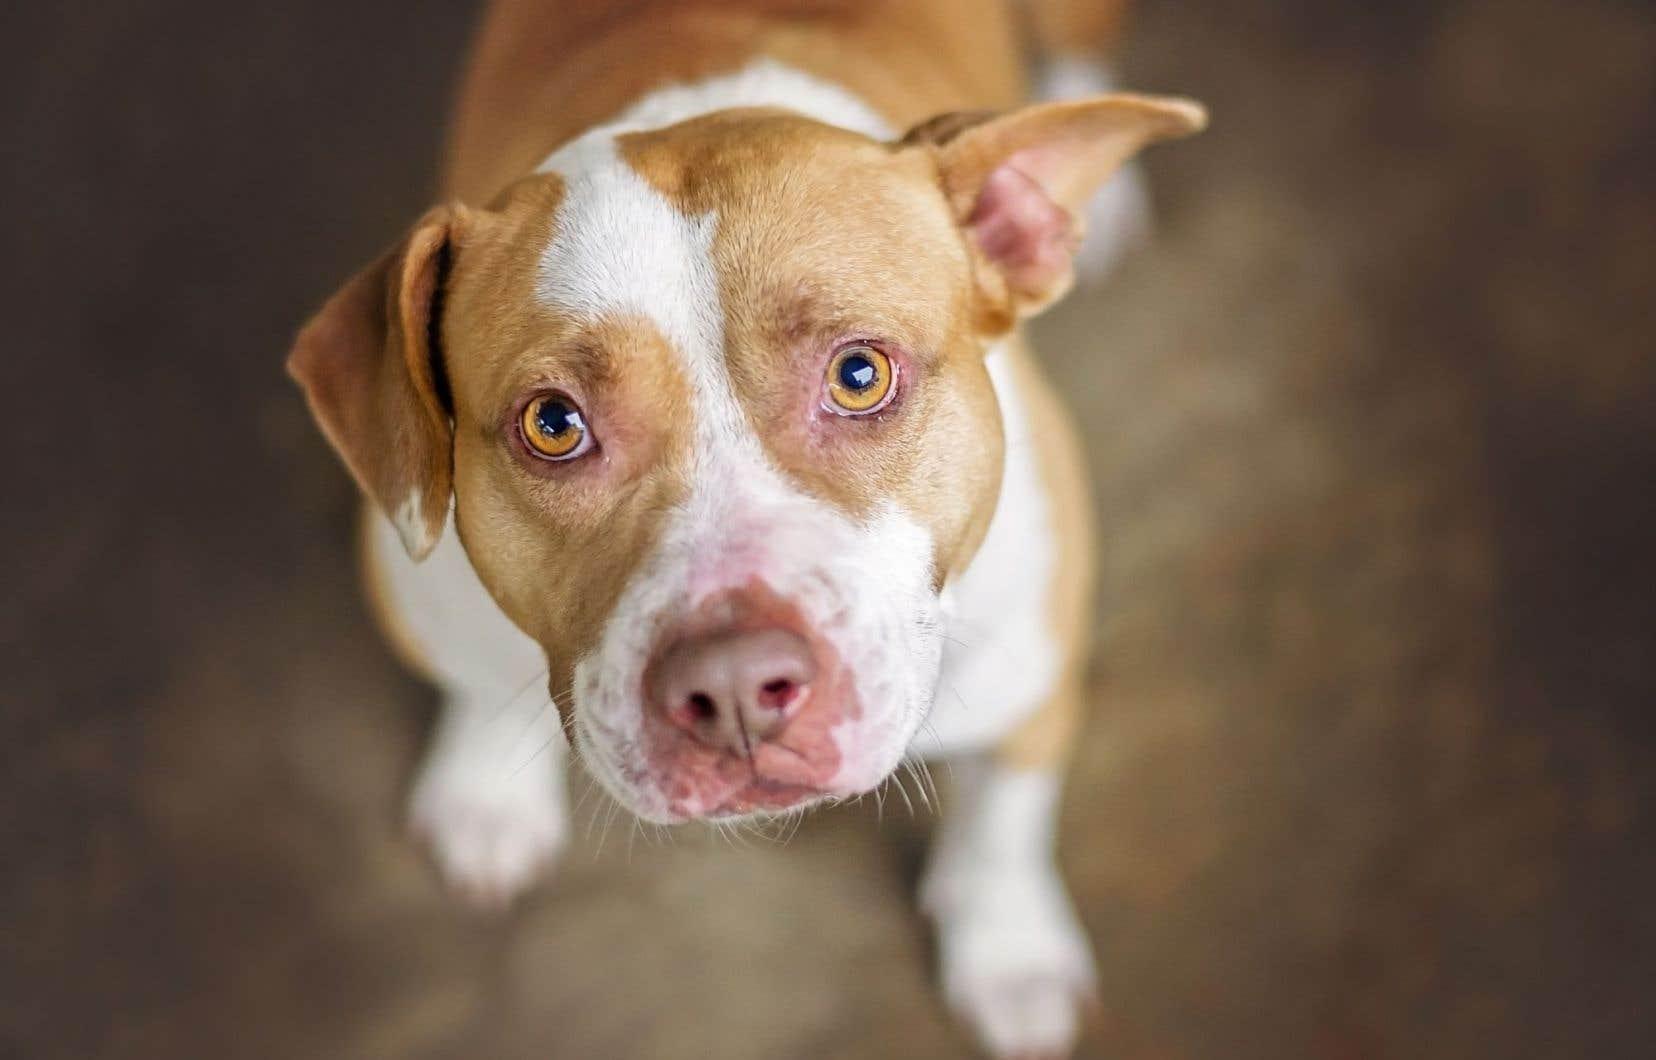 Jusqu'ici, cinq pitbulls ont été envoyés en Saskatchewan grâce à un partenariat entre l'organisme Prairie Sky Dog Rescue et un refuge montréalais.